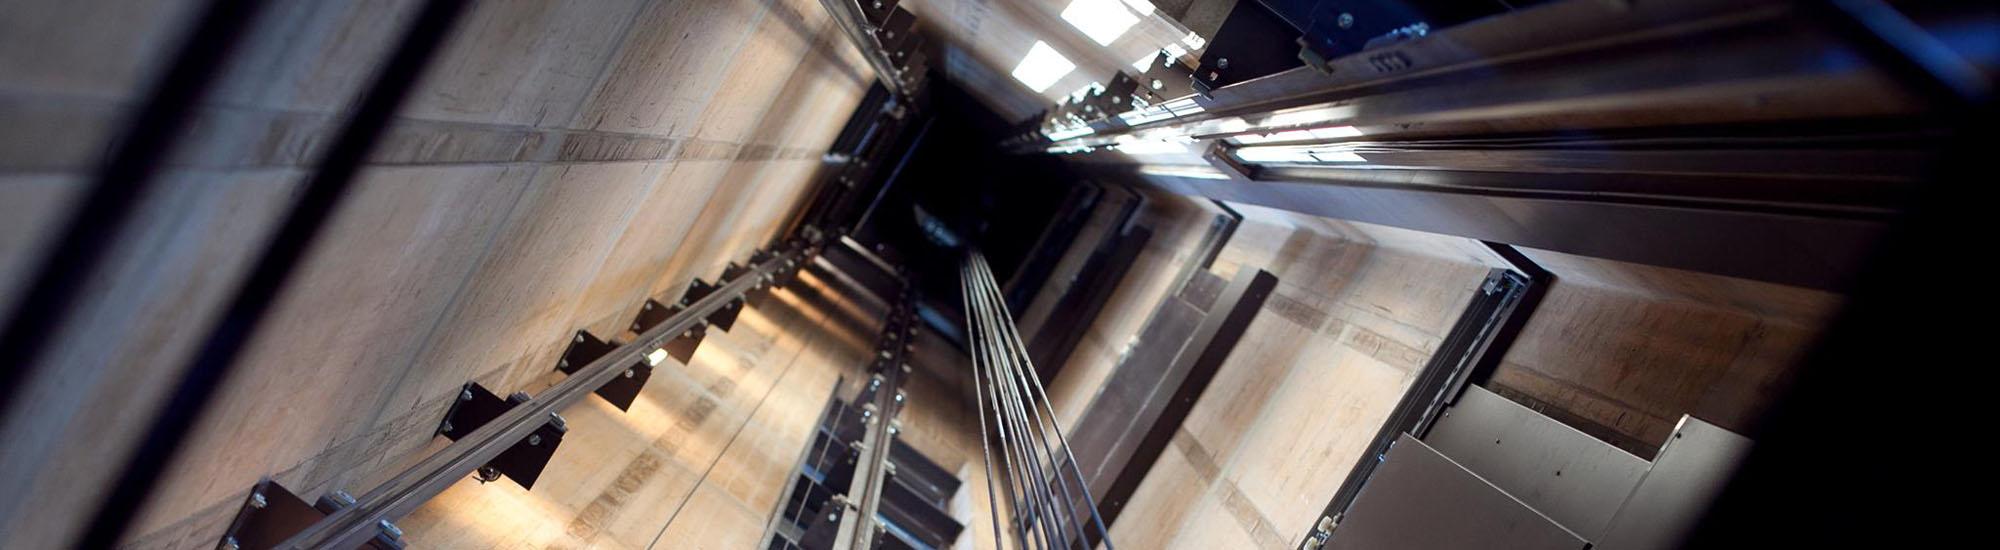 iefa ascensori savona